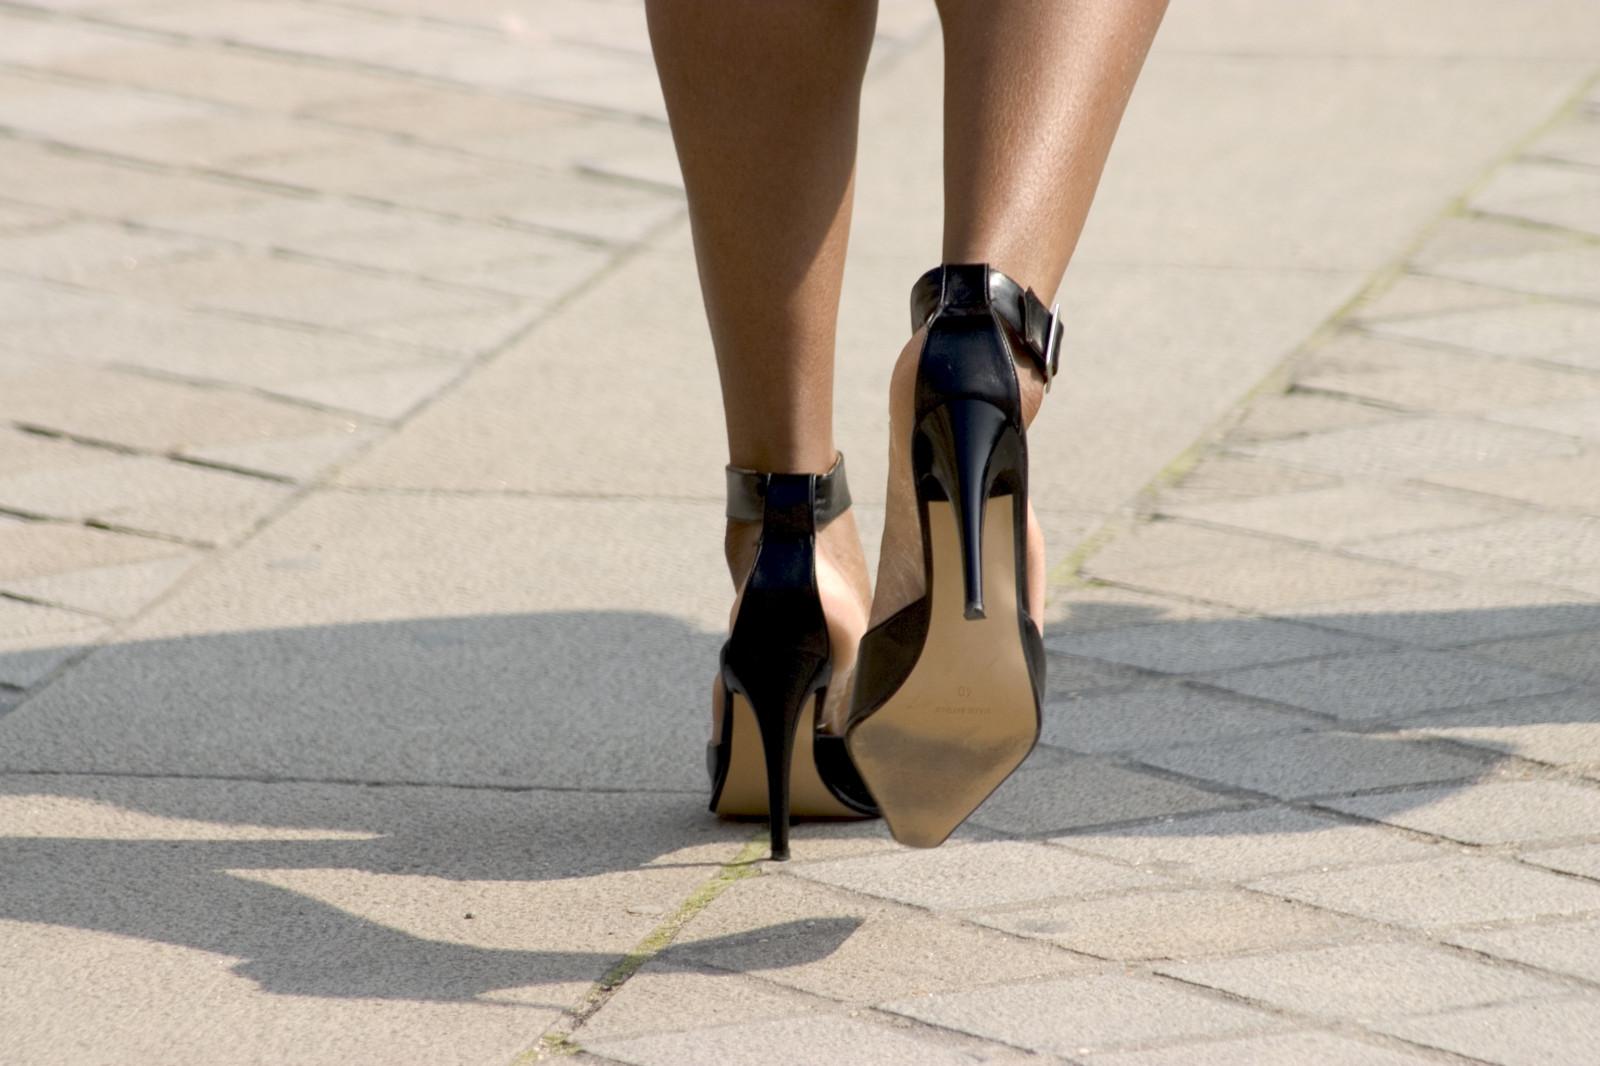 женские ноги на каблуках включила